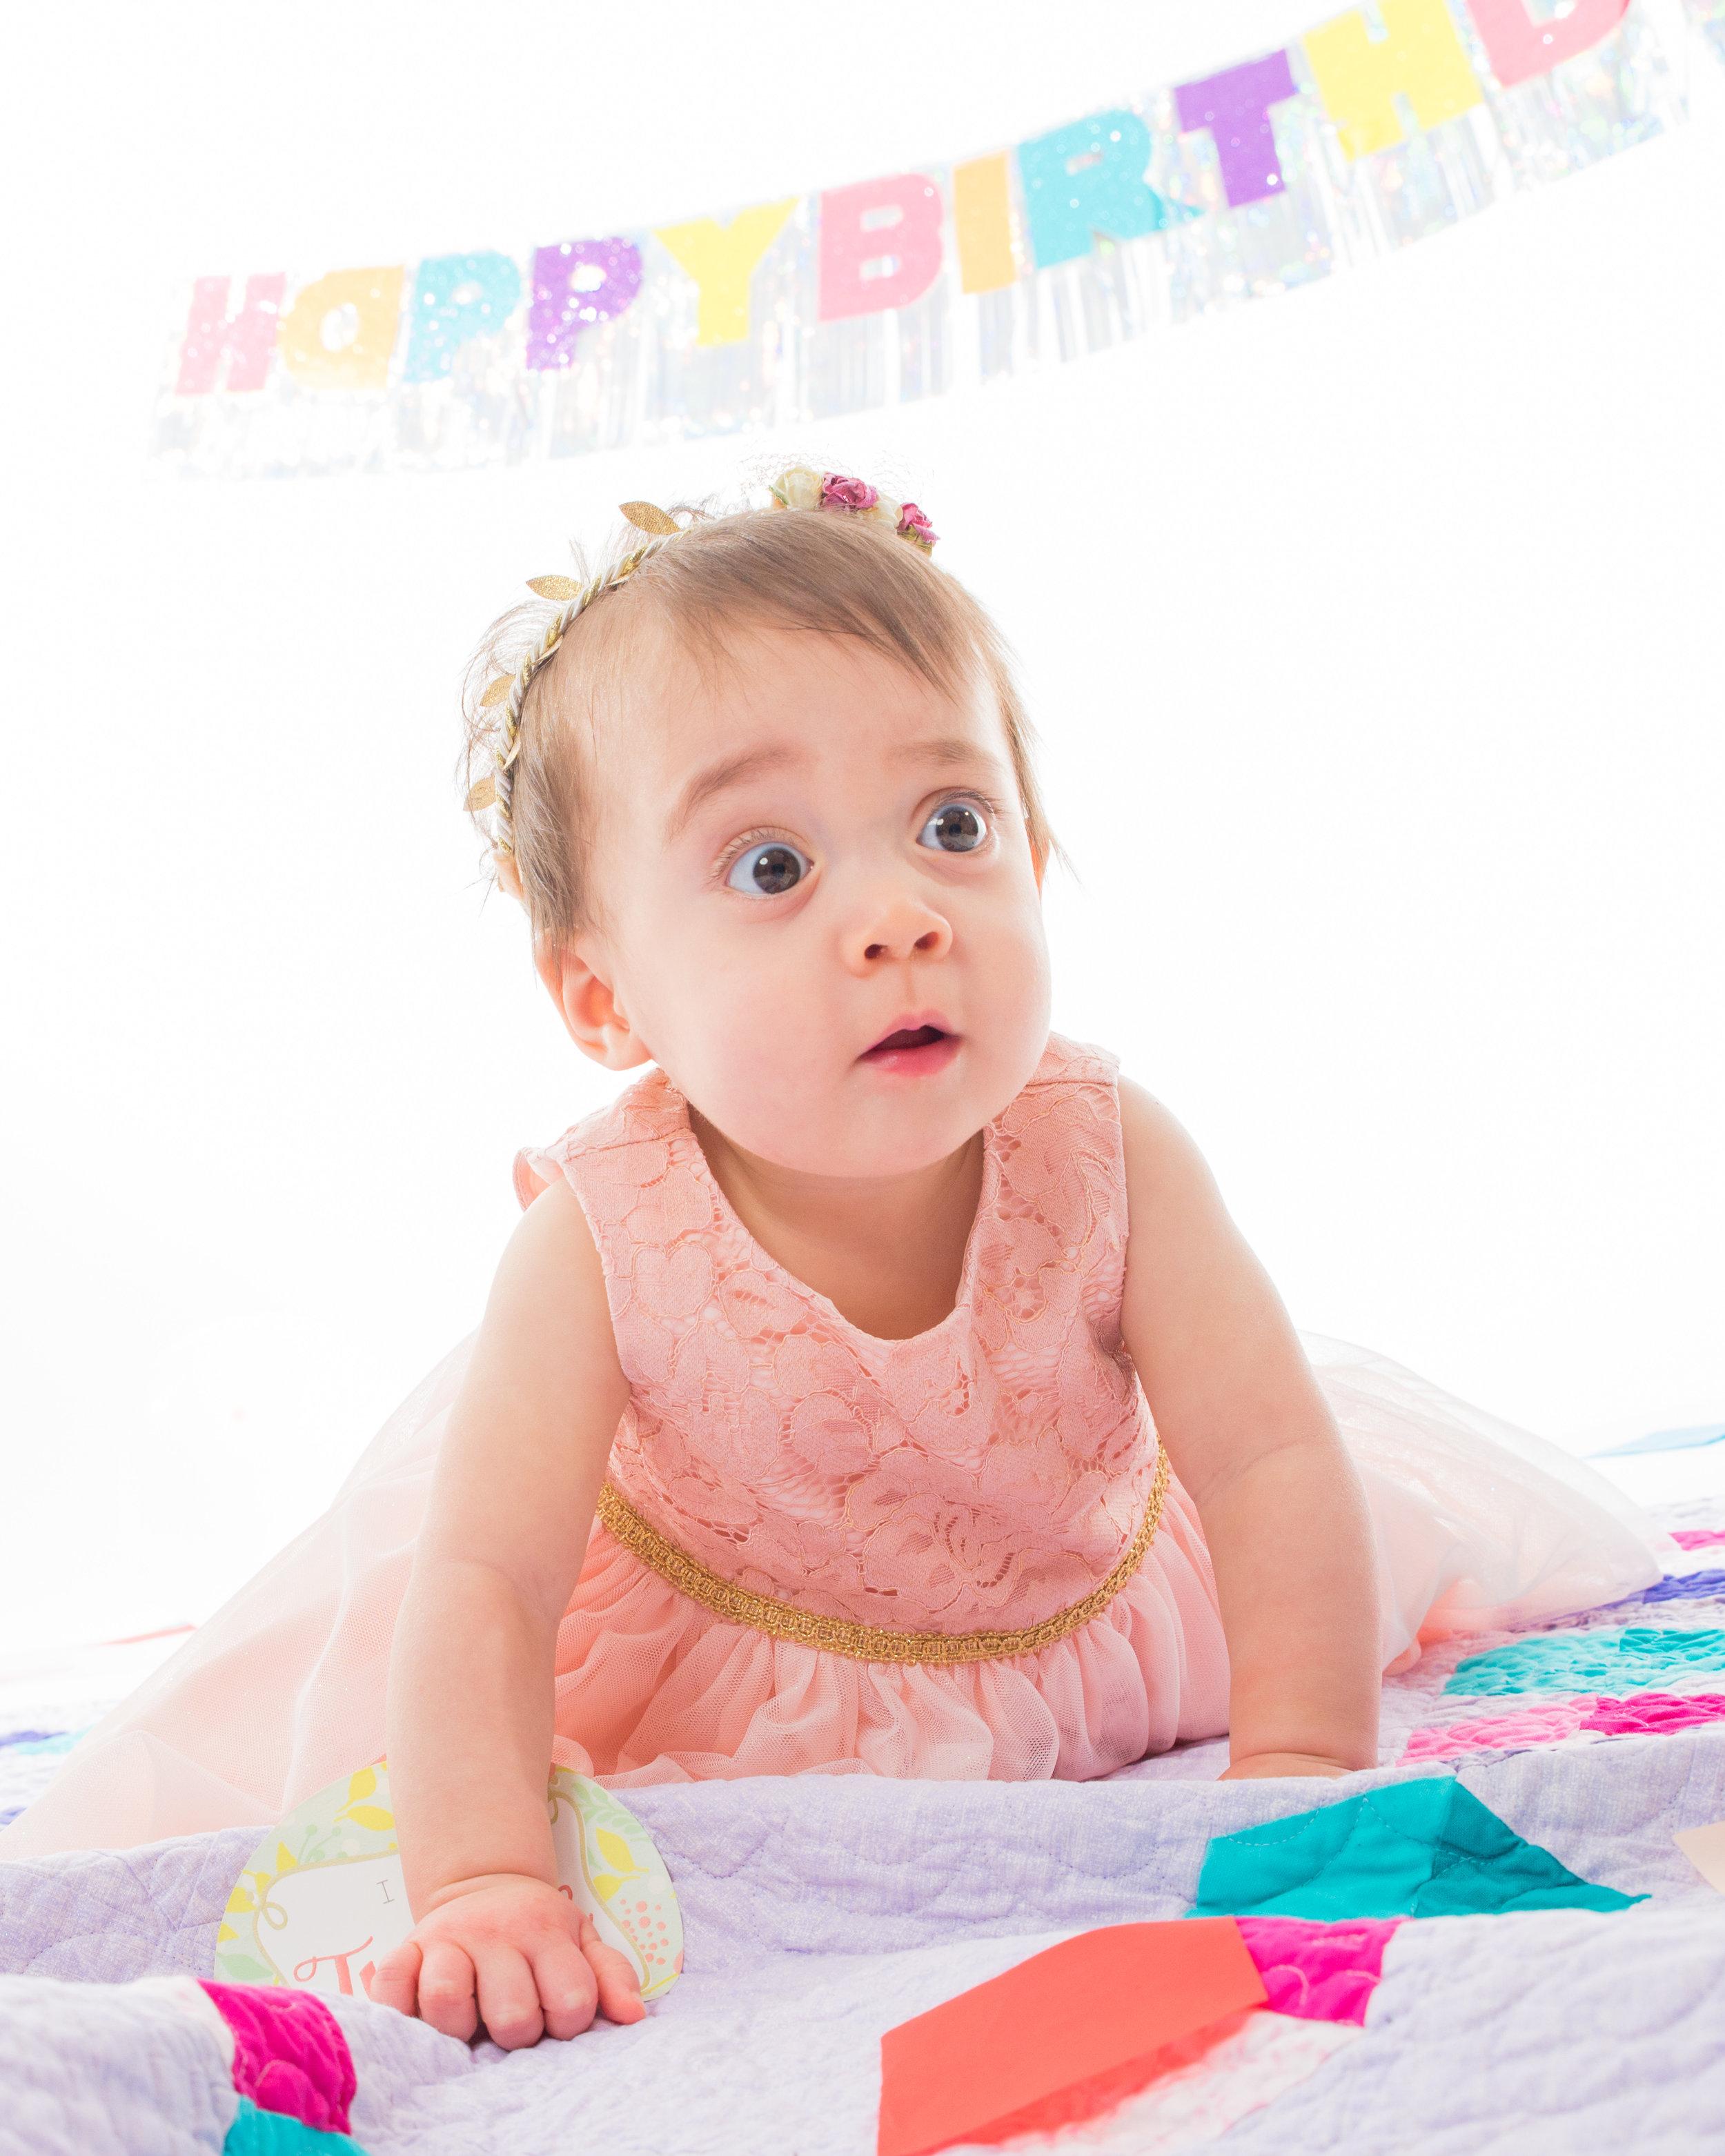 2018_February_04-Veronica_Sullivan_One_Year_Baby_Pics-44877.jpg